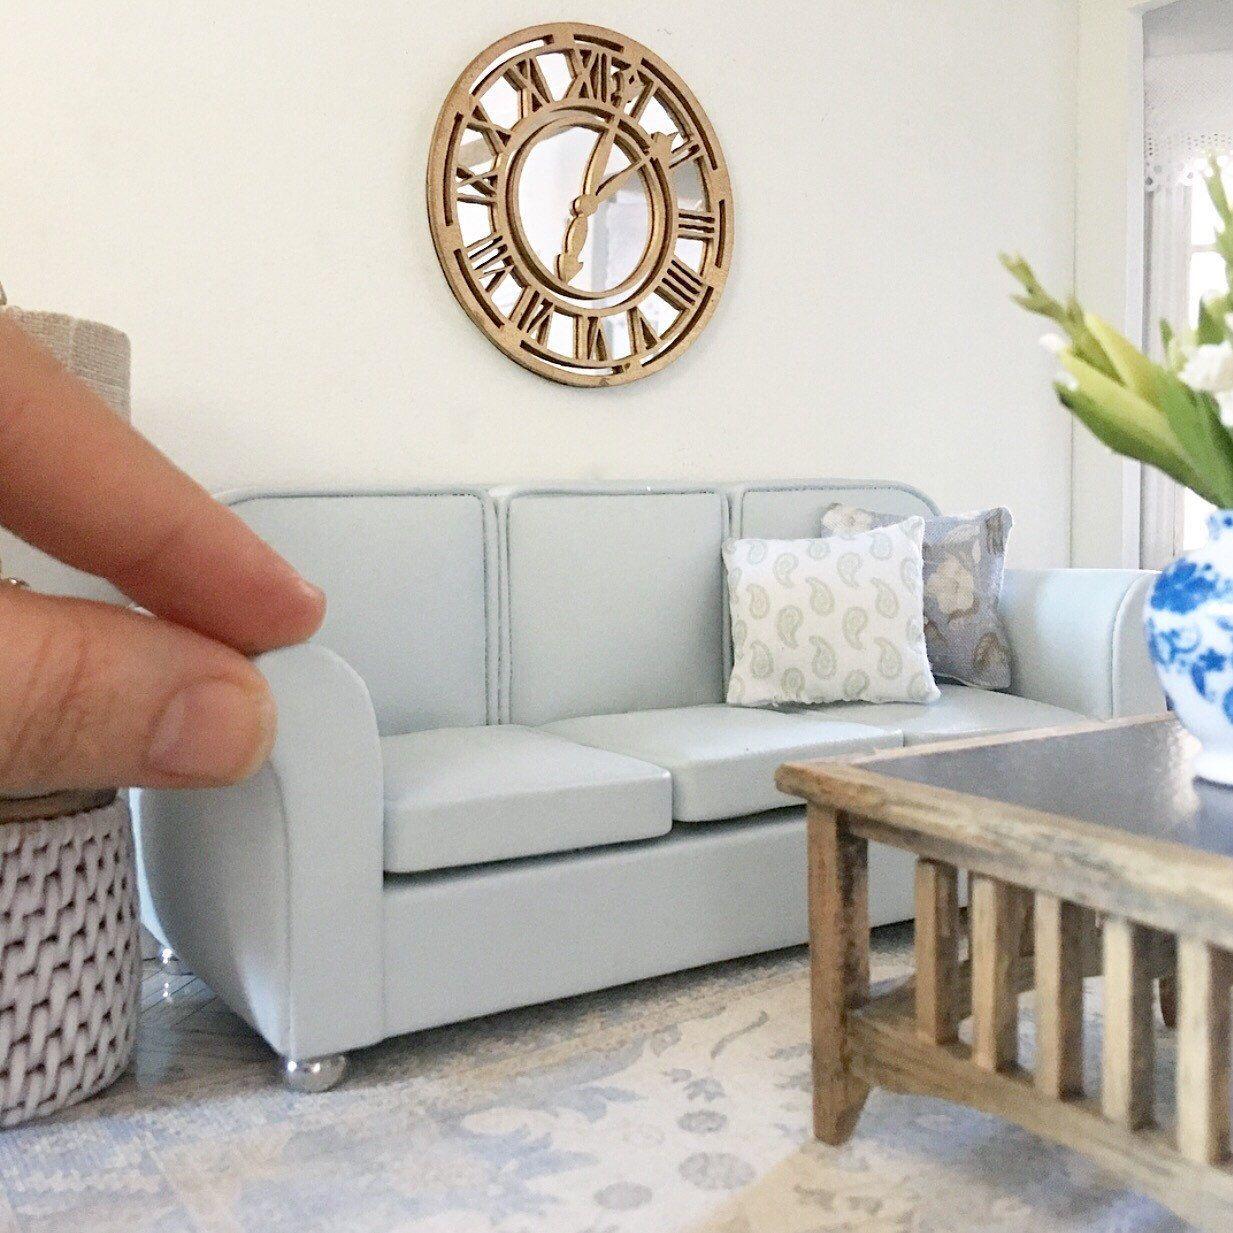 Mini Shade Fringed Floor Lamp Light Model 1:12 Dollhouse Living Room Furniture